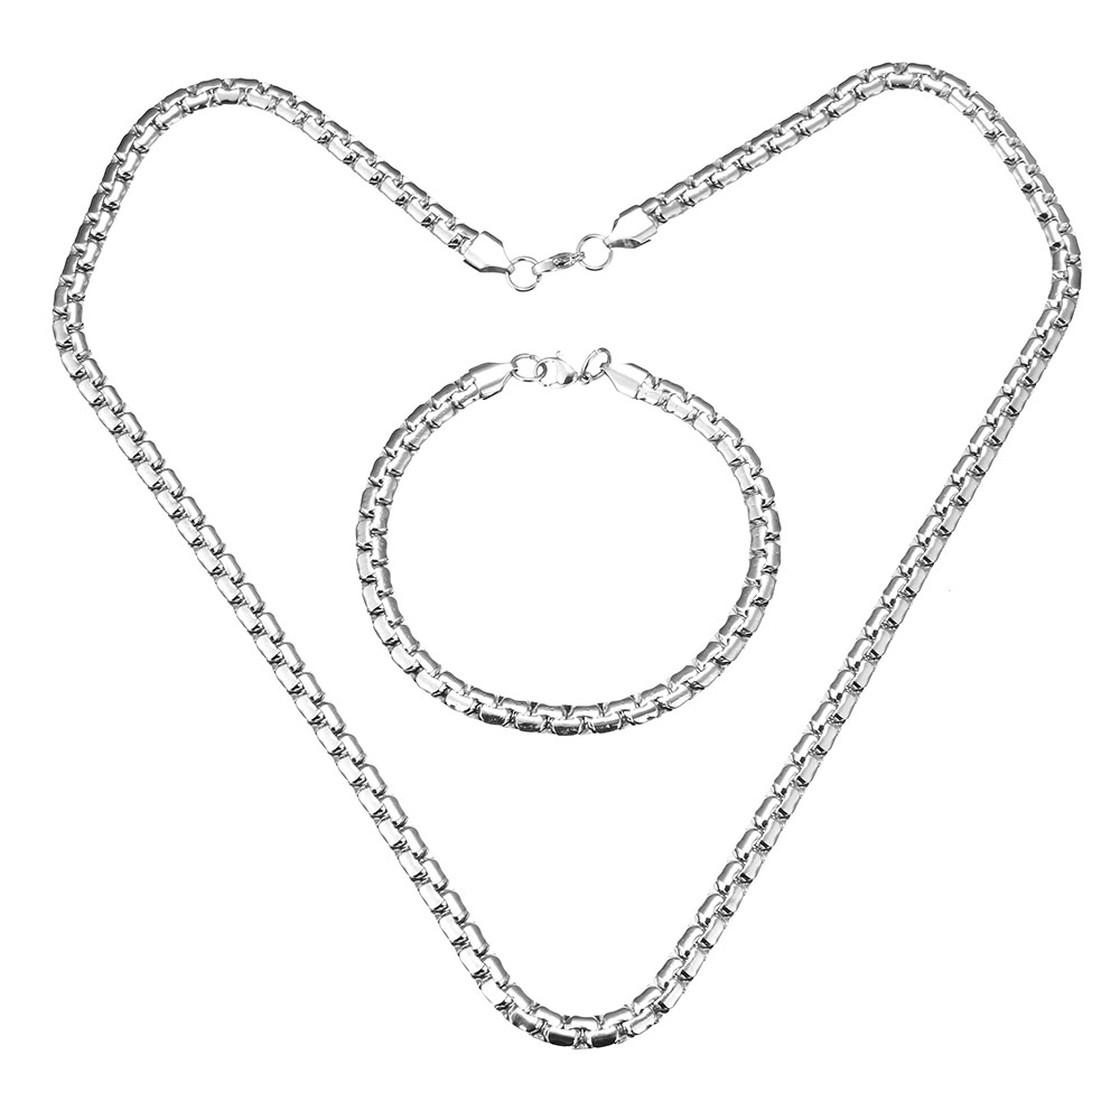 Halskette und Armband, Edelstahl, Silberfarben, Design